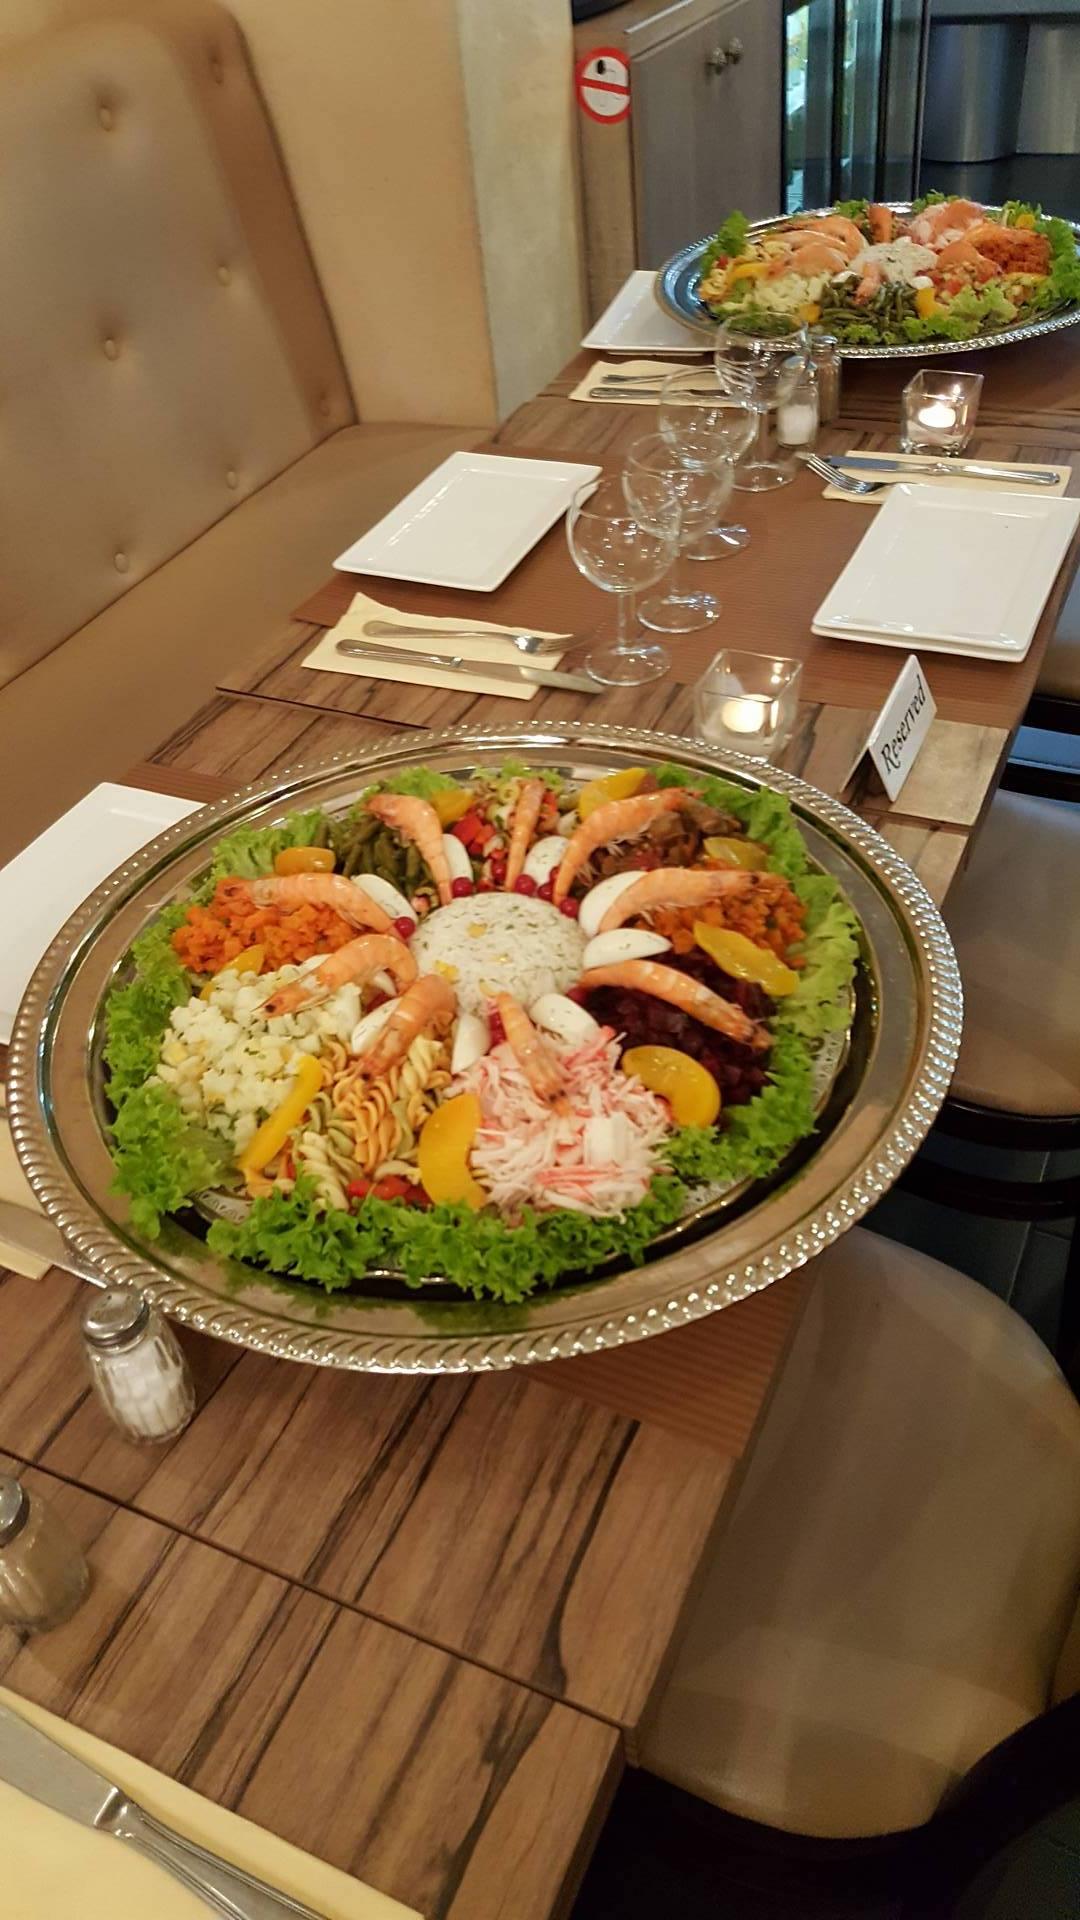 Traiteur -img5 • Livraison de poissons • Poissonnerie • Restaurant • Traiteur à Anderlecht